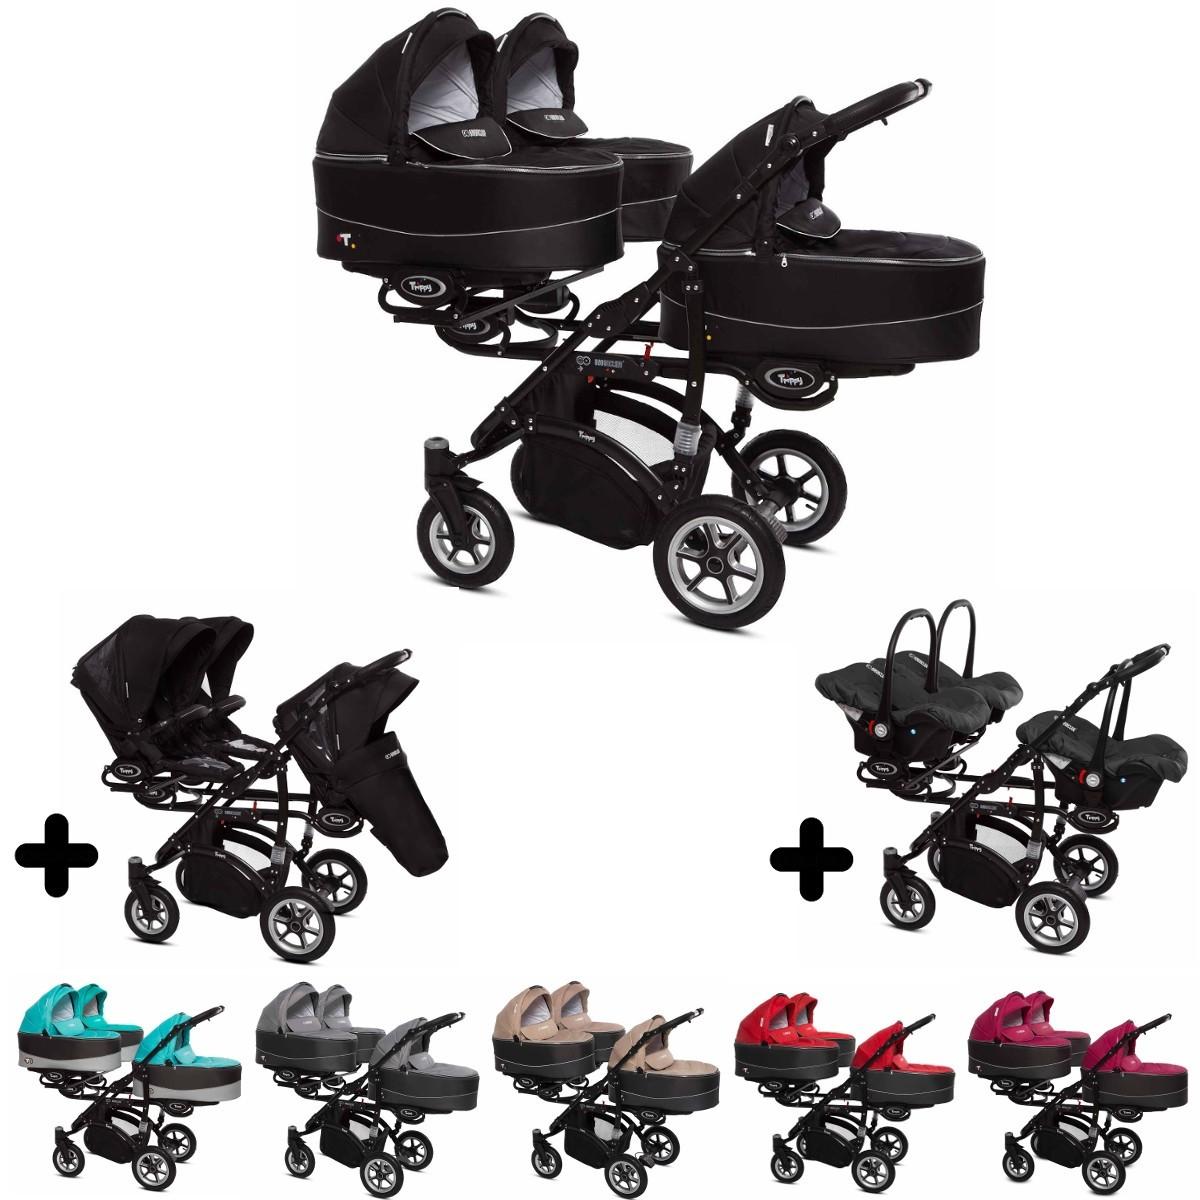 Trippy Drillings-Kombi-Kinderwagen 3in1 Set mit 3 Babyschalen + 3 Babywannen + 3 Sportaufsätzen, 6 Farben, Gestell schwarz, Kollektion 2018